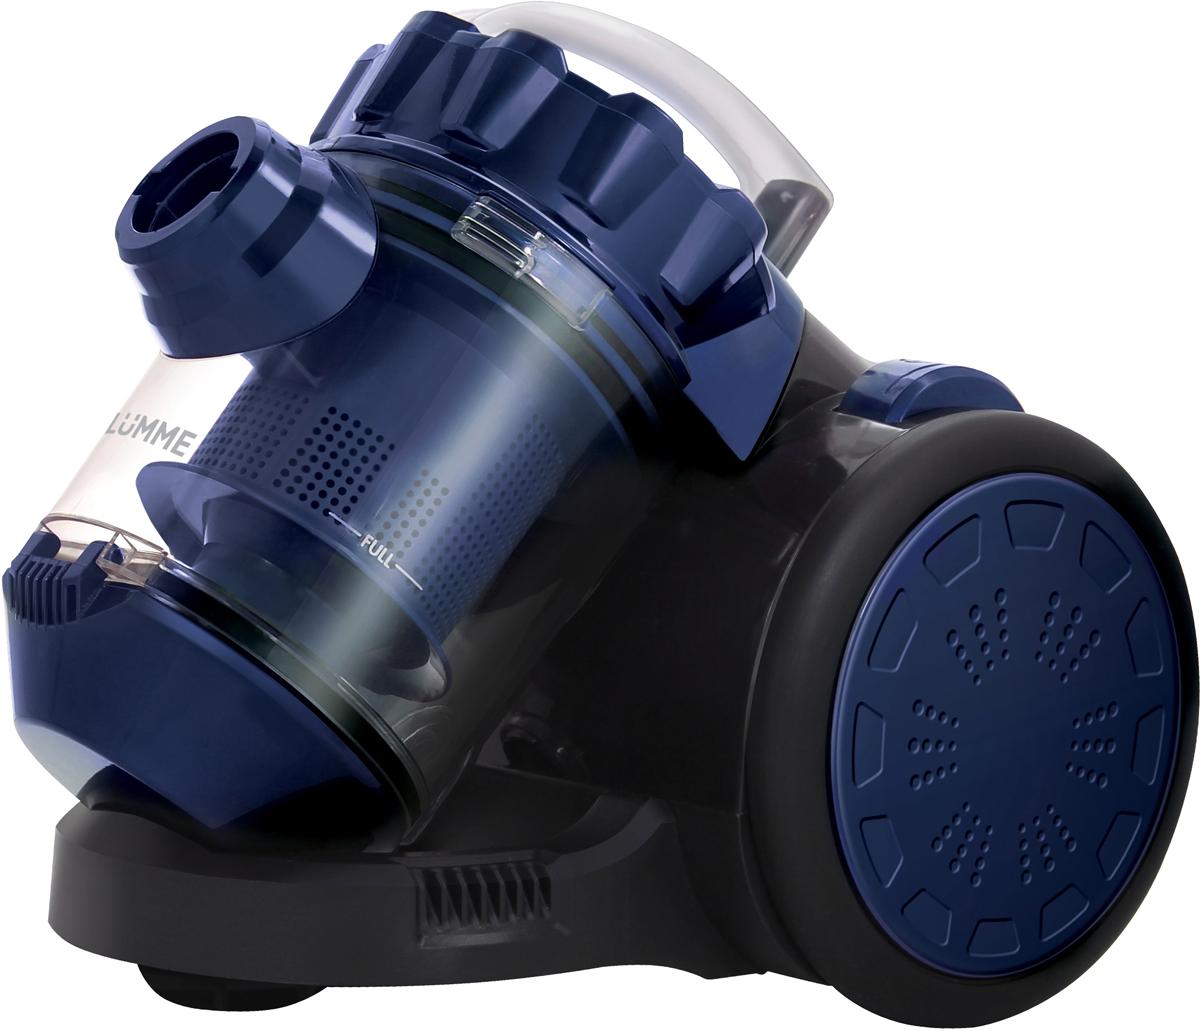 Lumme LU-3208, Black Blue пылесосLU-32082200W телескопическая металическая трубка, насадки: для пола и ковра, для углов, для мягкой мебели, мощность всасывания 300W/, шнур 3,2 метра, контейнер для сбора пыли - 2литра